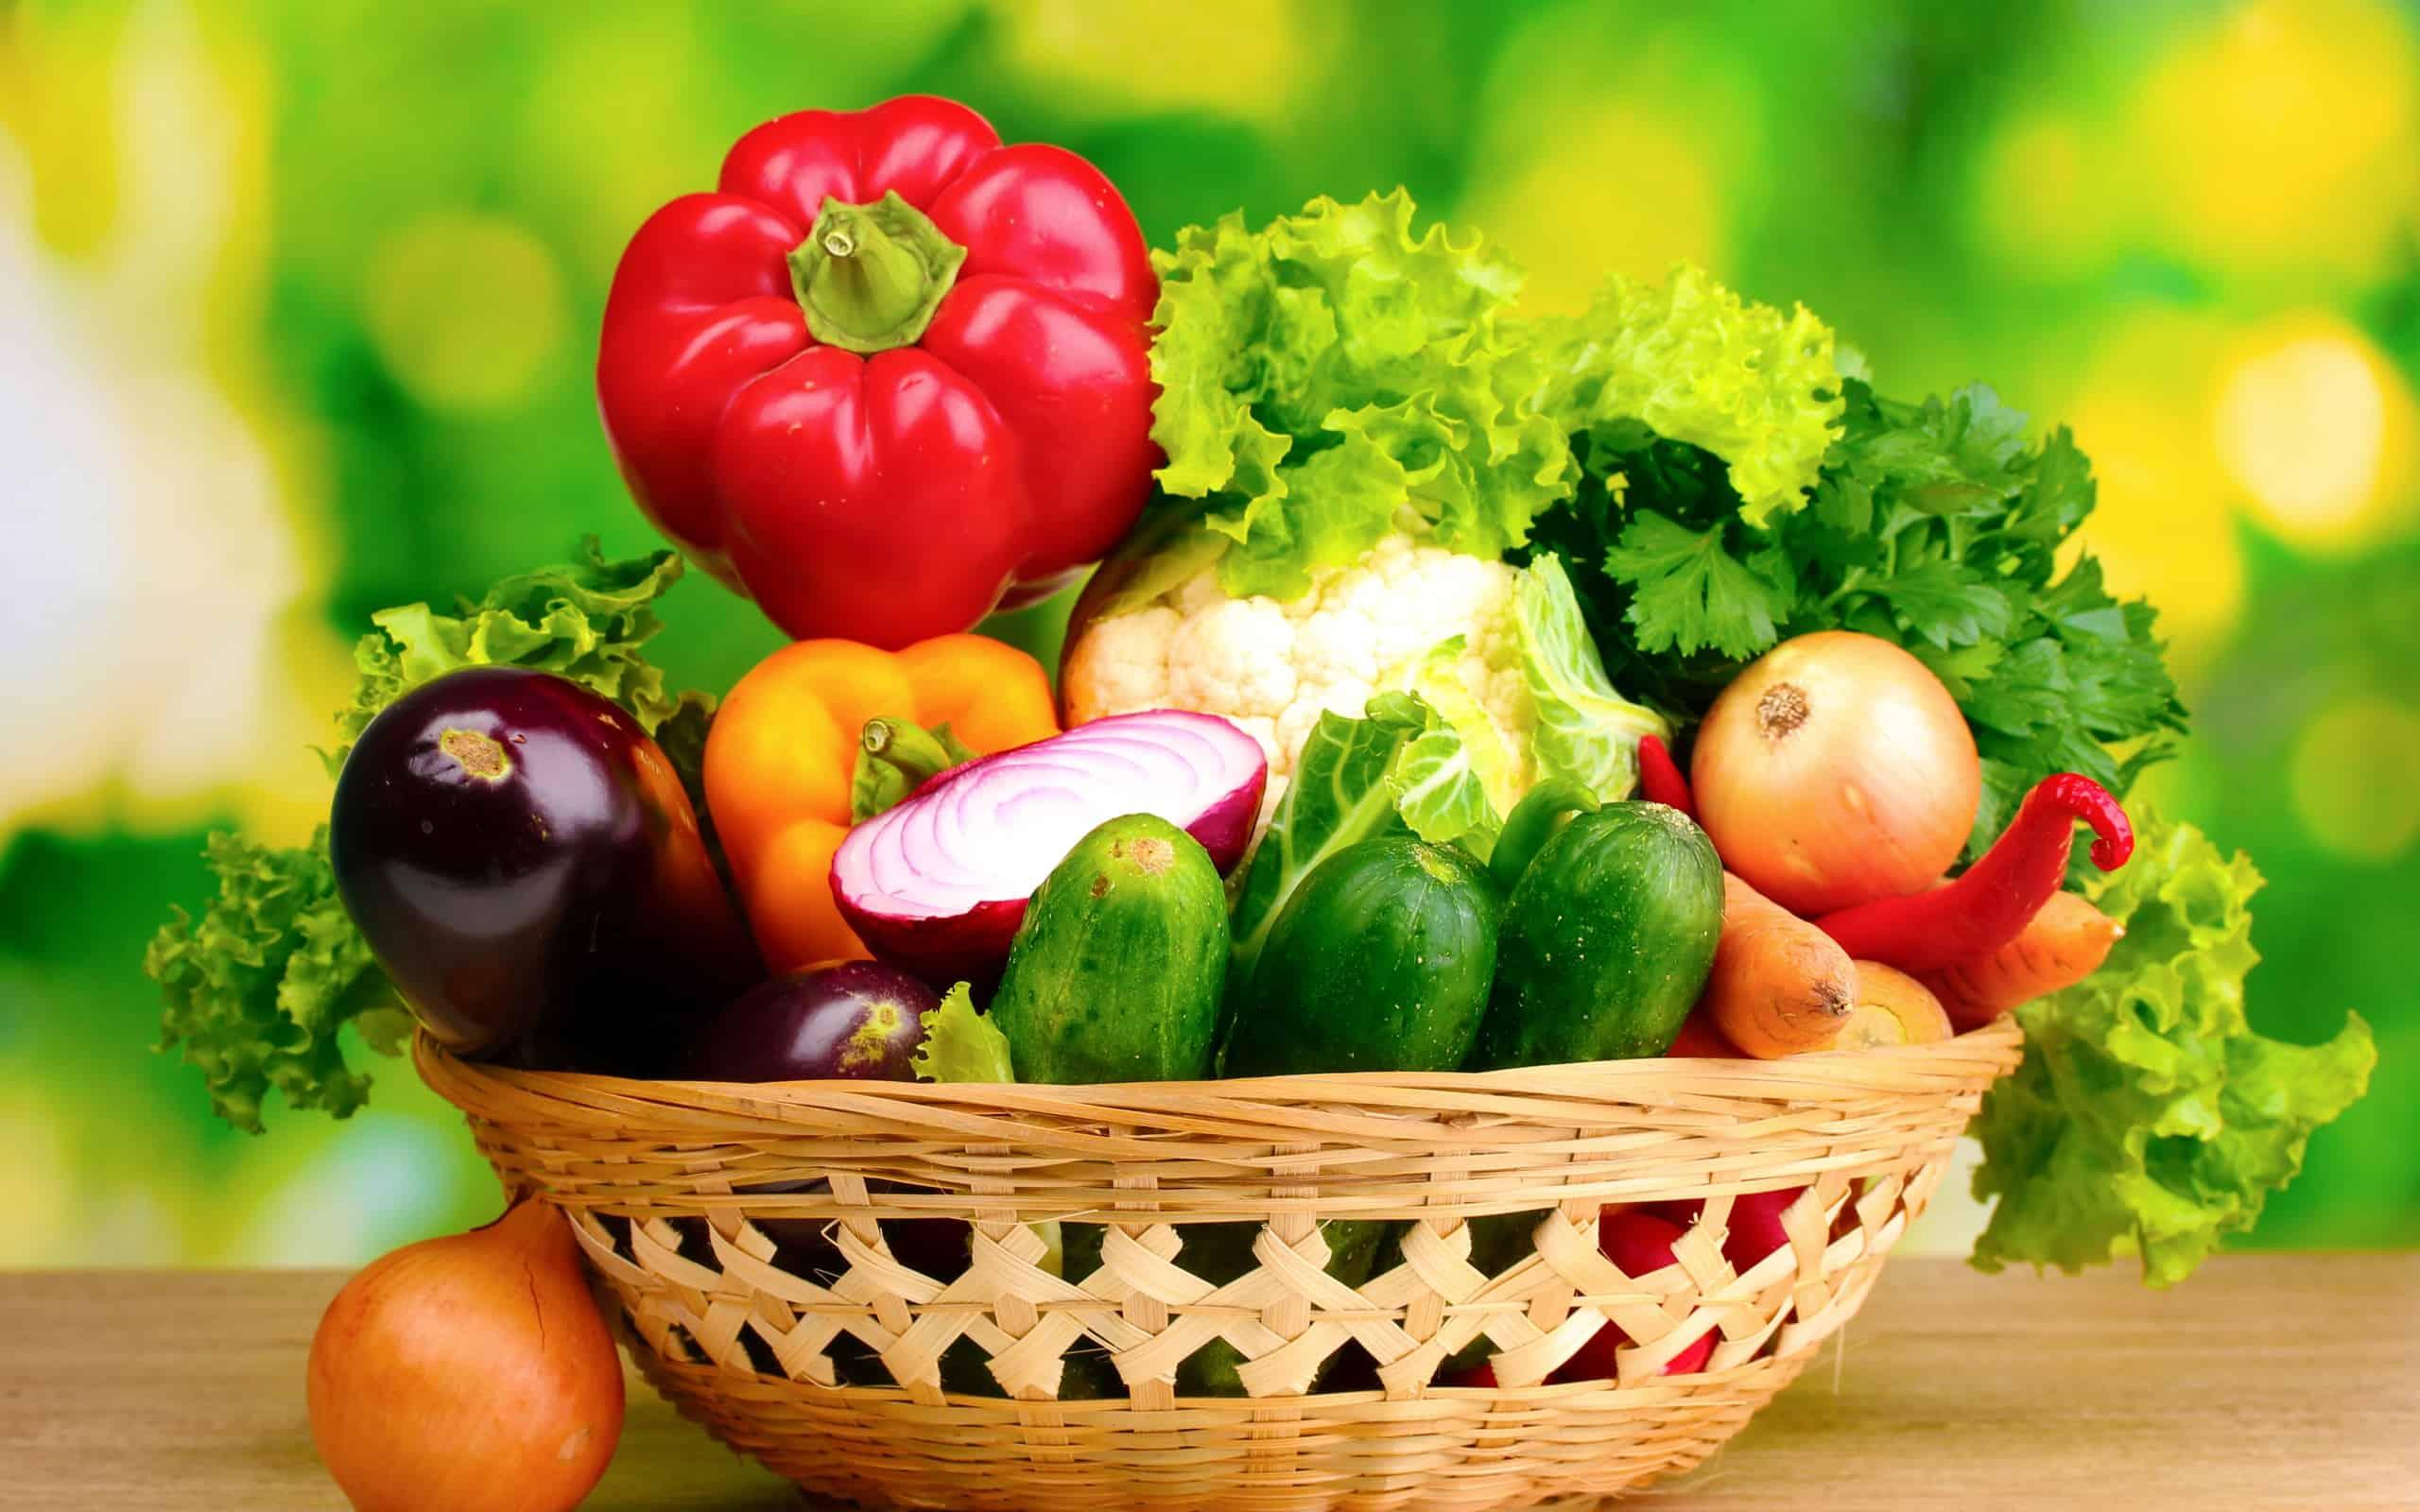 Những lưu ý về chế độ ăn uống cho người mới phẫu thuật | Dịch vụ chăm sóc bệnh nhân